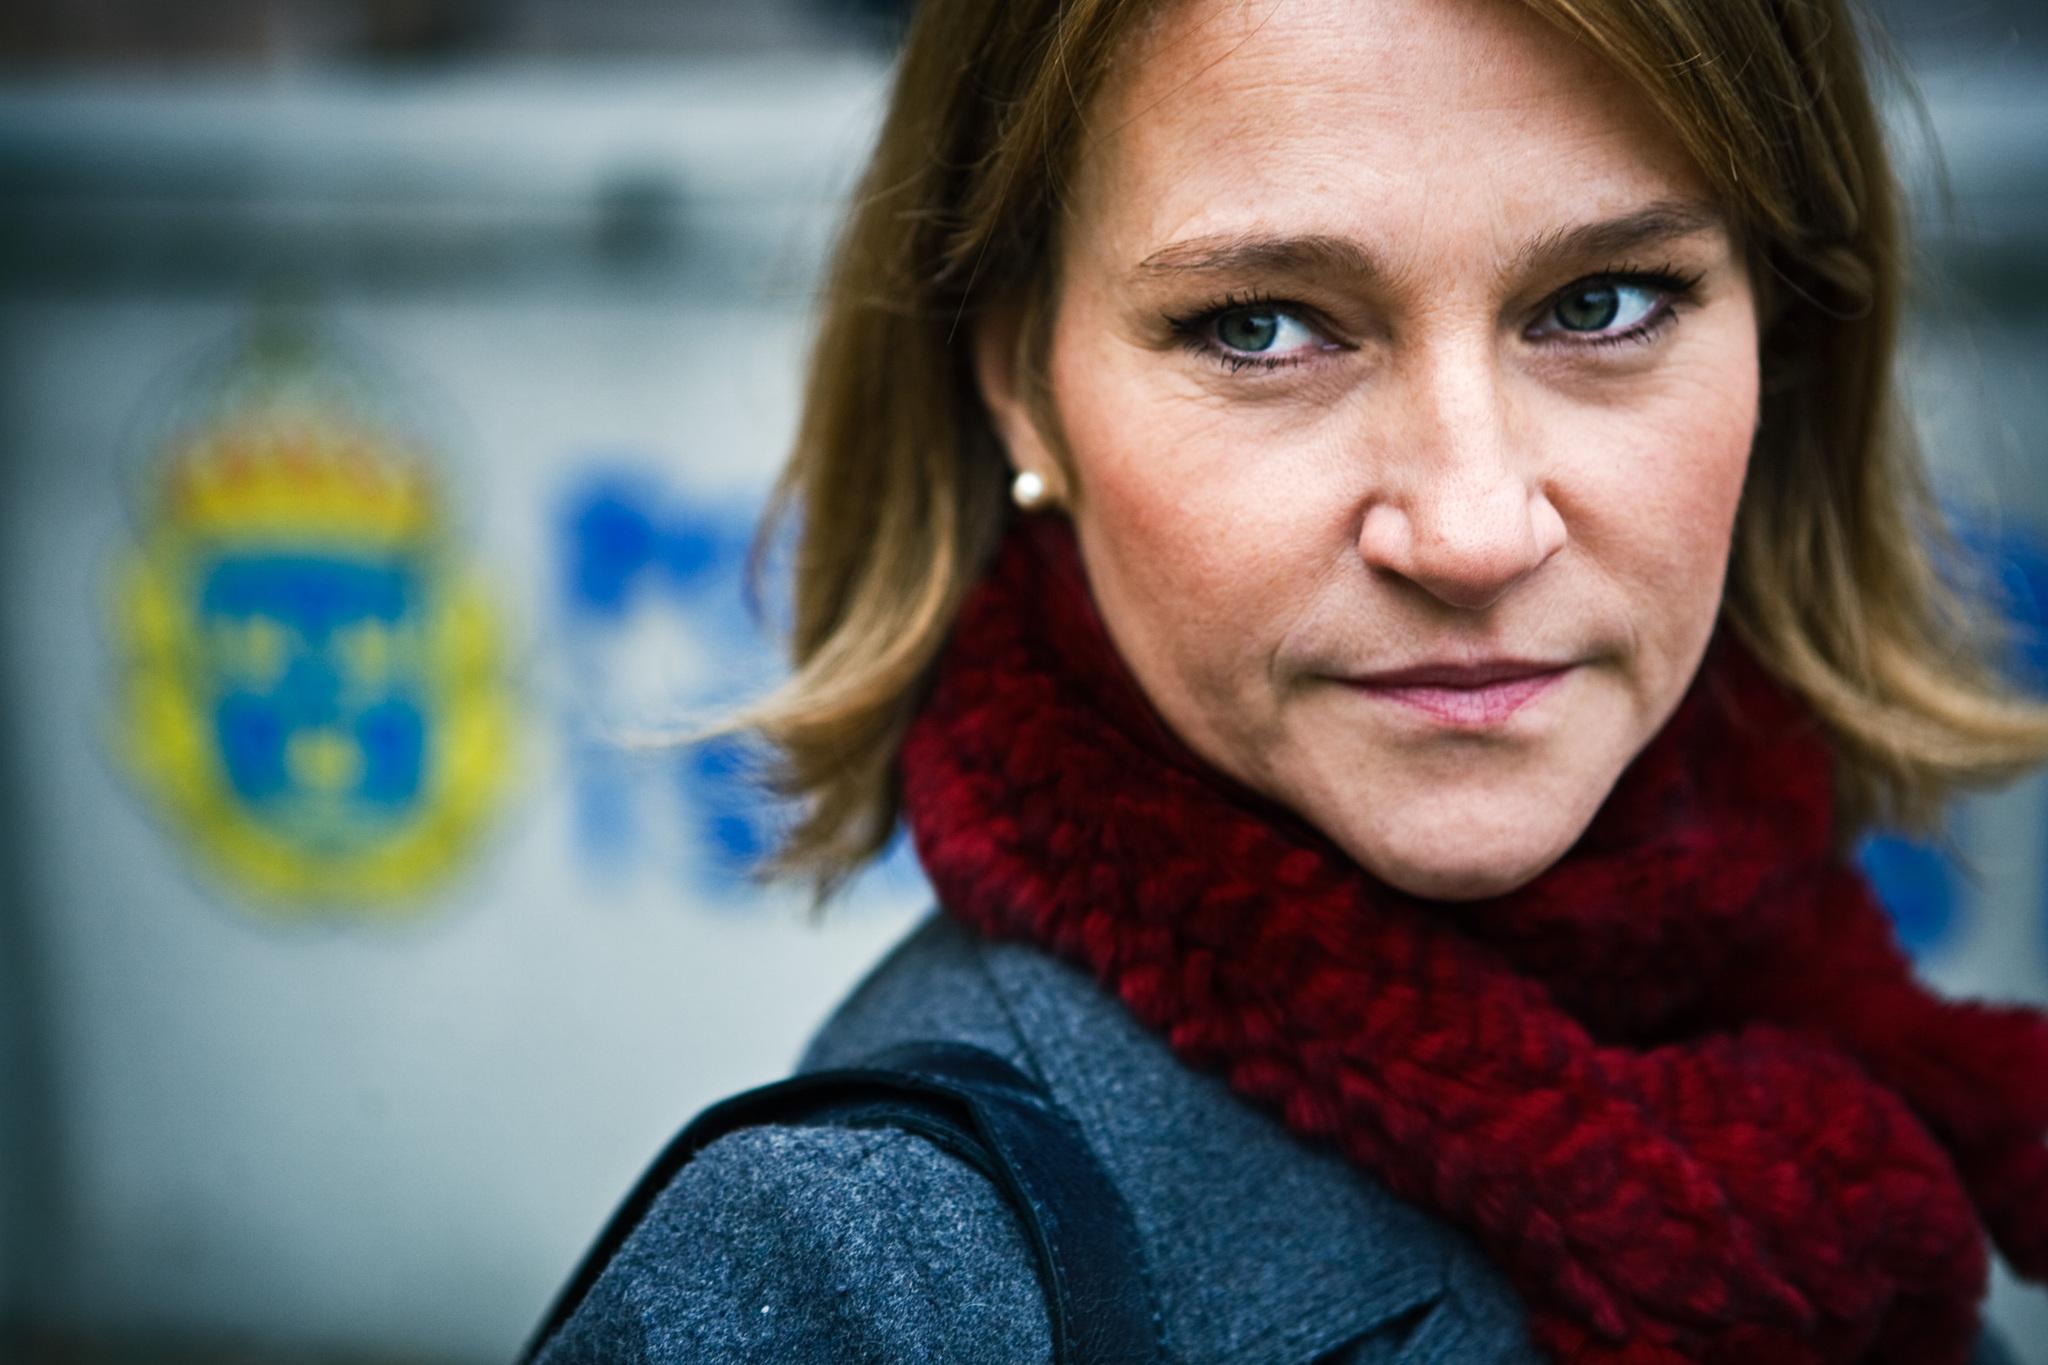 Annika Hallin in Luftslottet som sprängdes (2009)